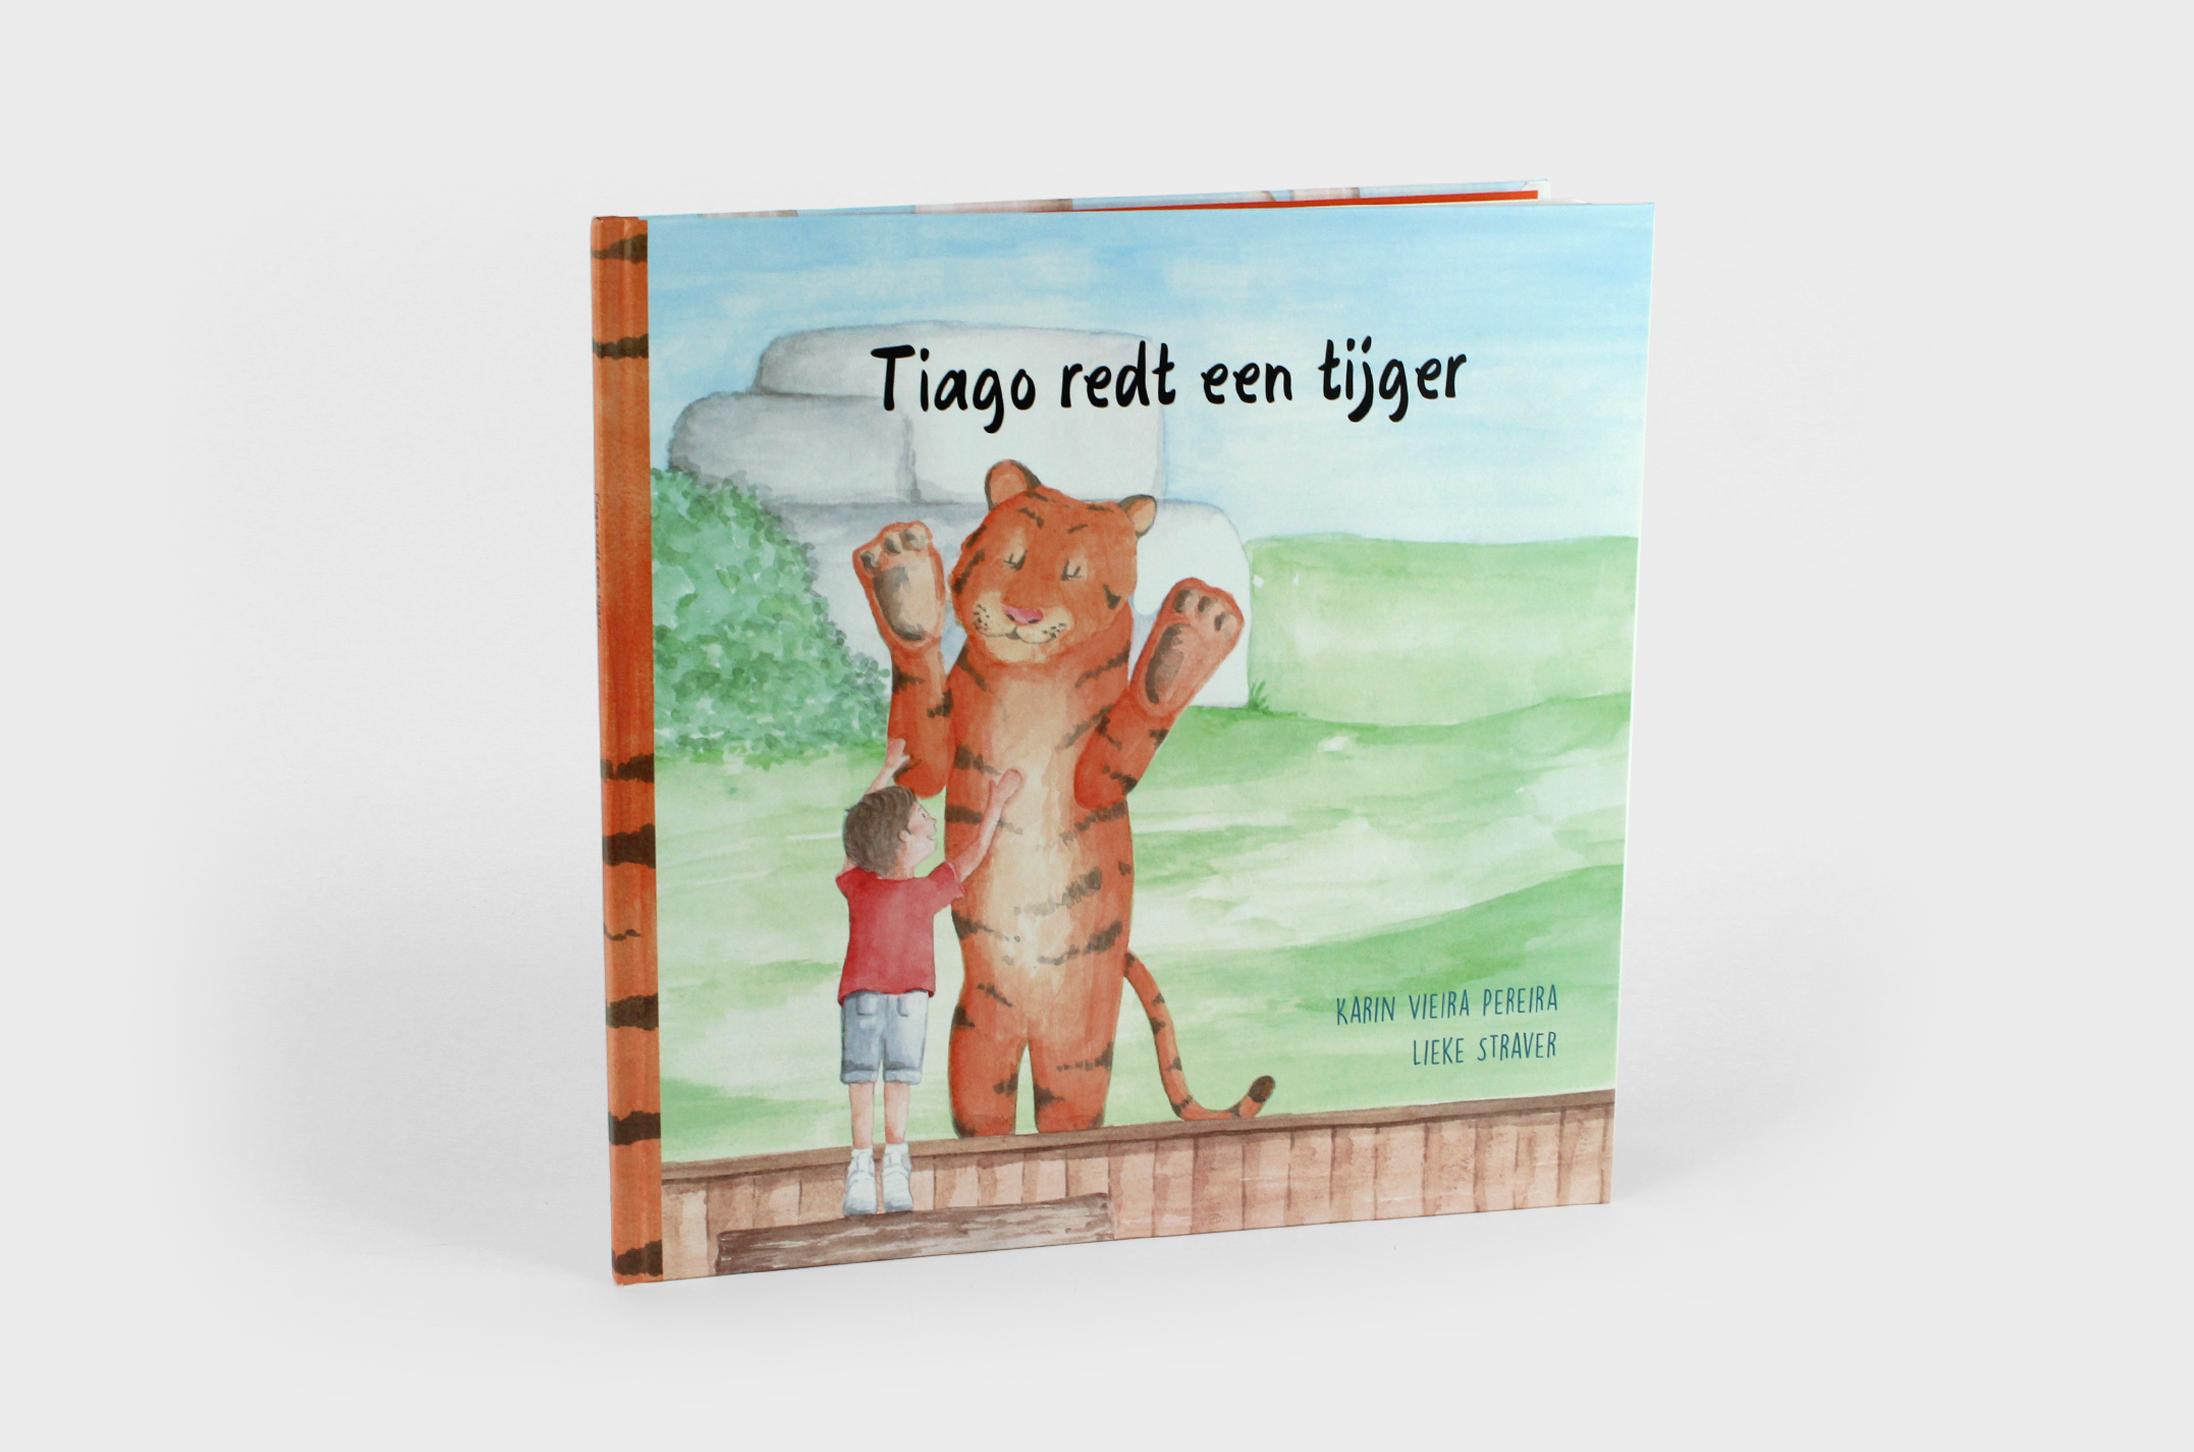 Tiago redt een tijger